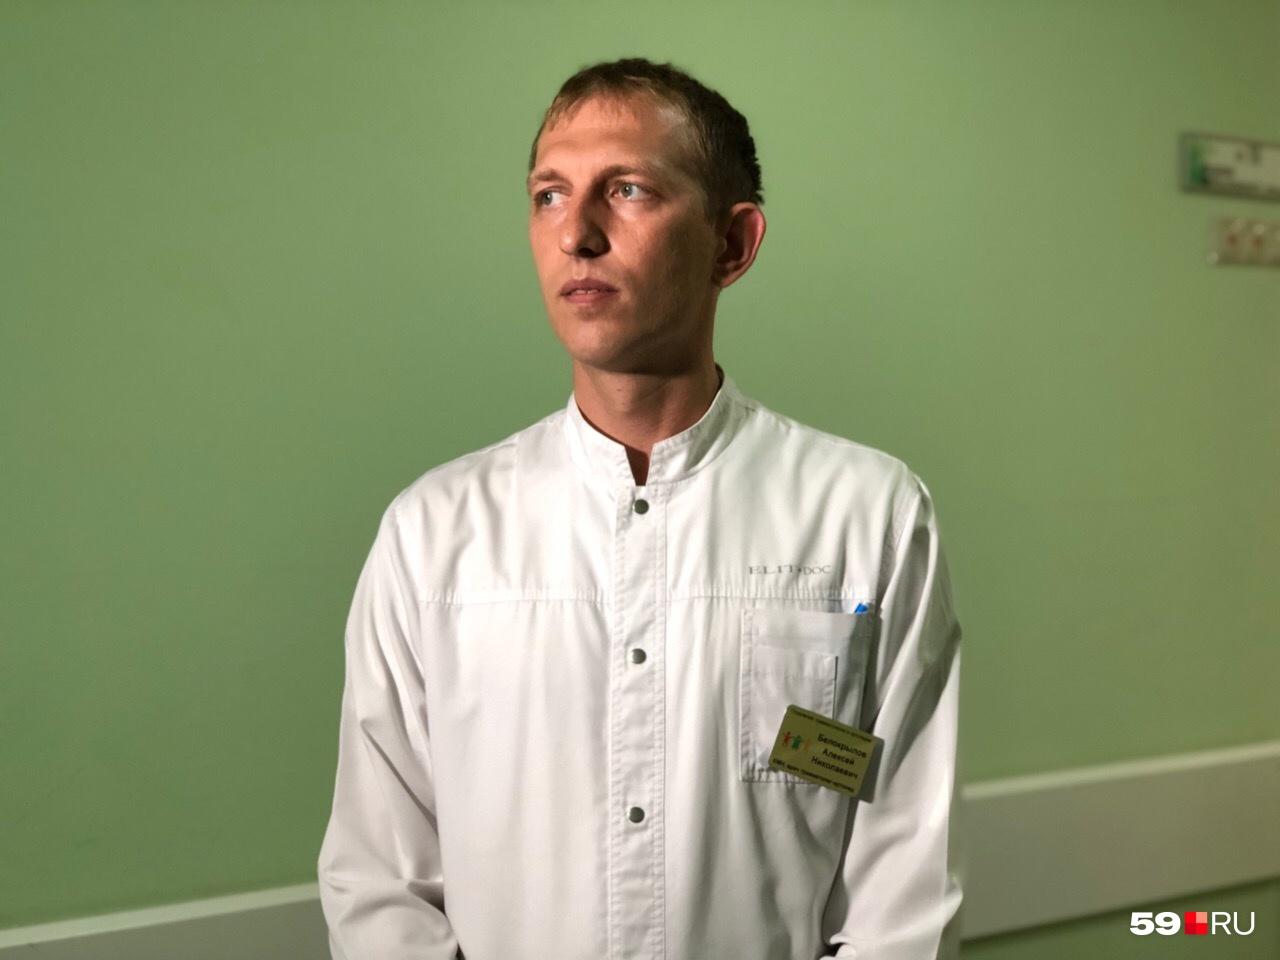 Травматолог-ортопед Алексей Белокрылов трудился вместе с реаниматологами и сосудистыми хирургами